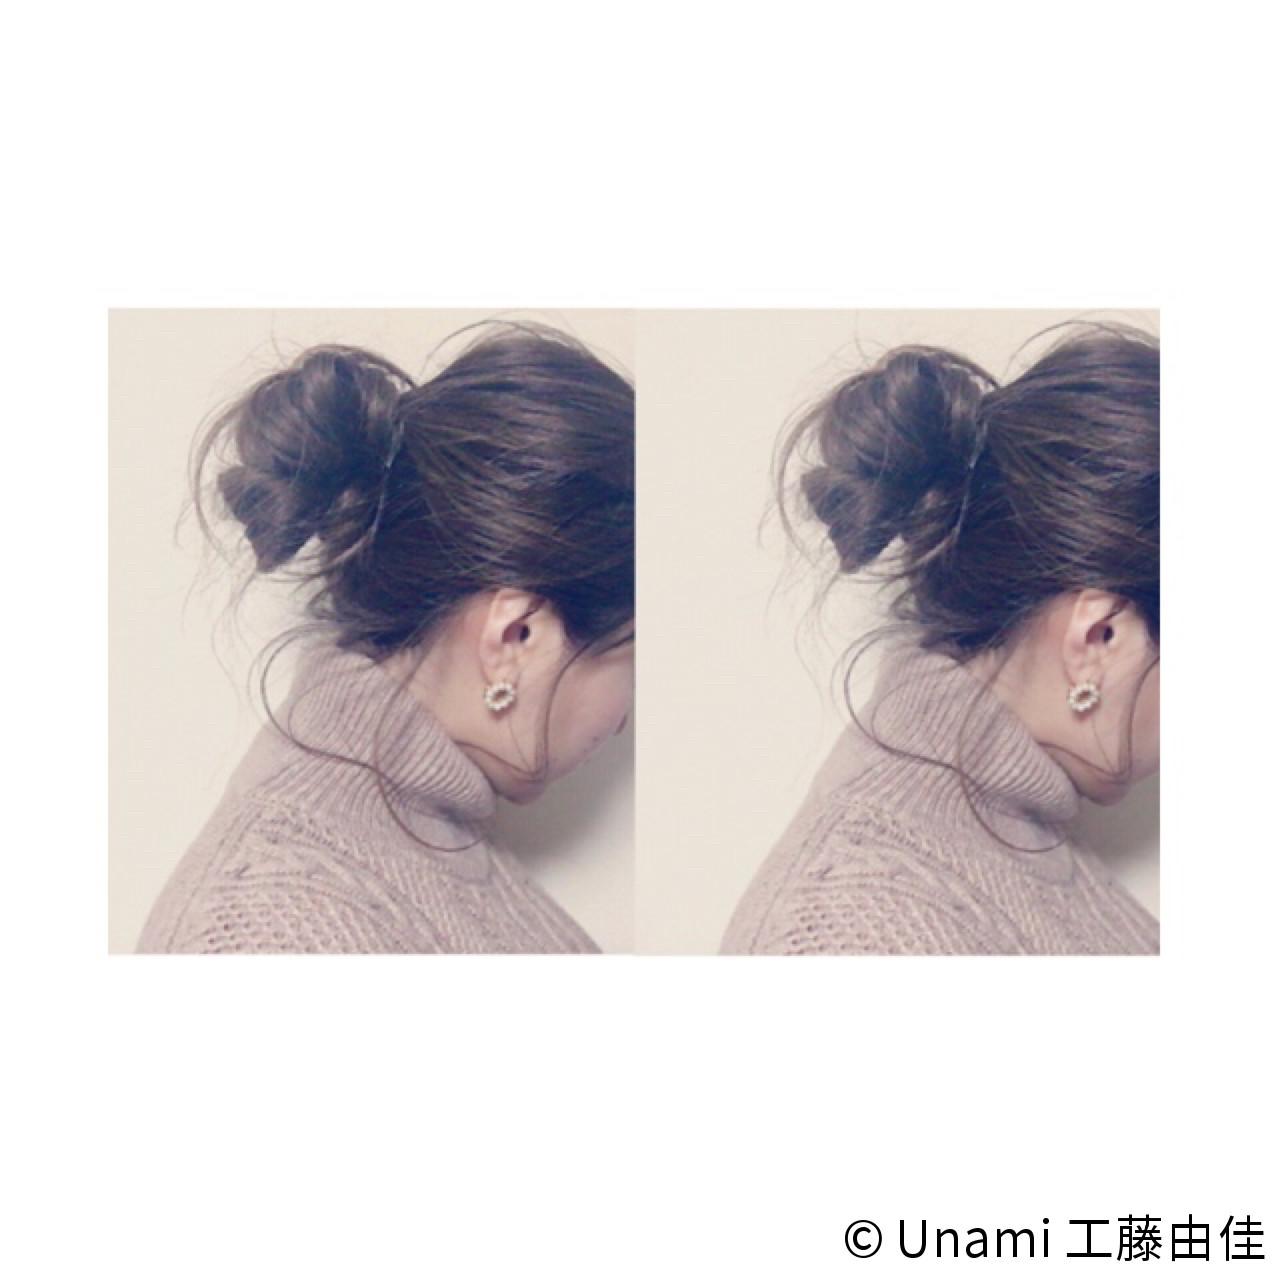 ゆるふわ ルーズ ショート ミディアム ヘアスタイルや髪型の写真・画像 | Unami 工藤由佳 / Unami omotesando